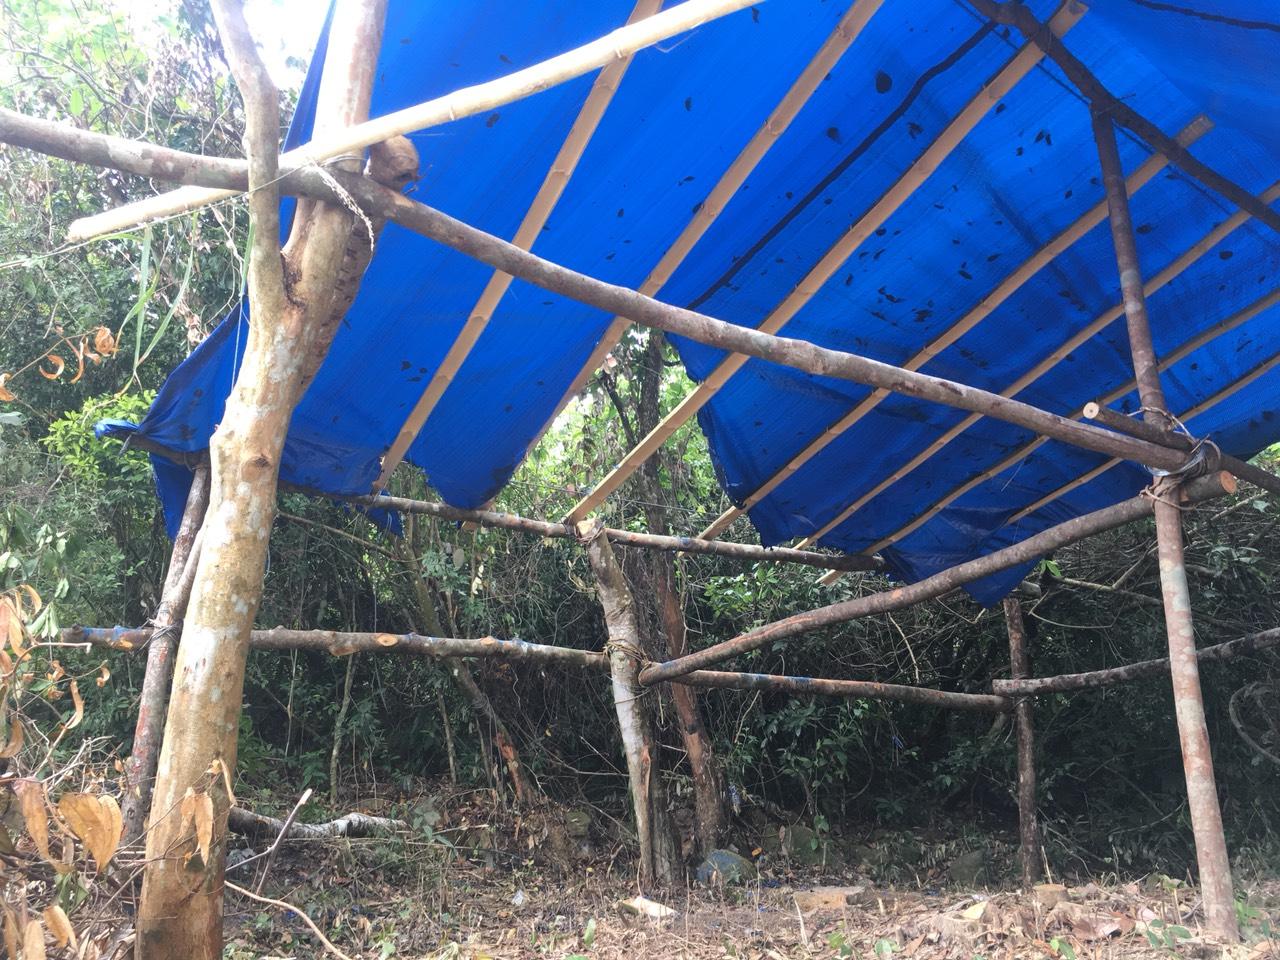 Bình Định: Cán bộ bất ngờ bị đánh, lán trại bảo vệ rừng cũng bị đốt cháy - Ảnh 2.